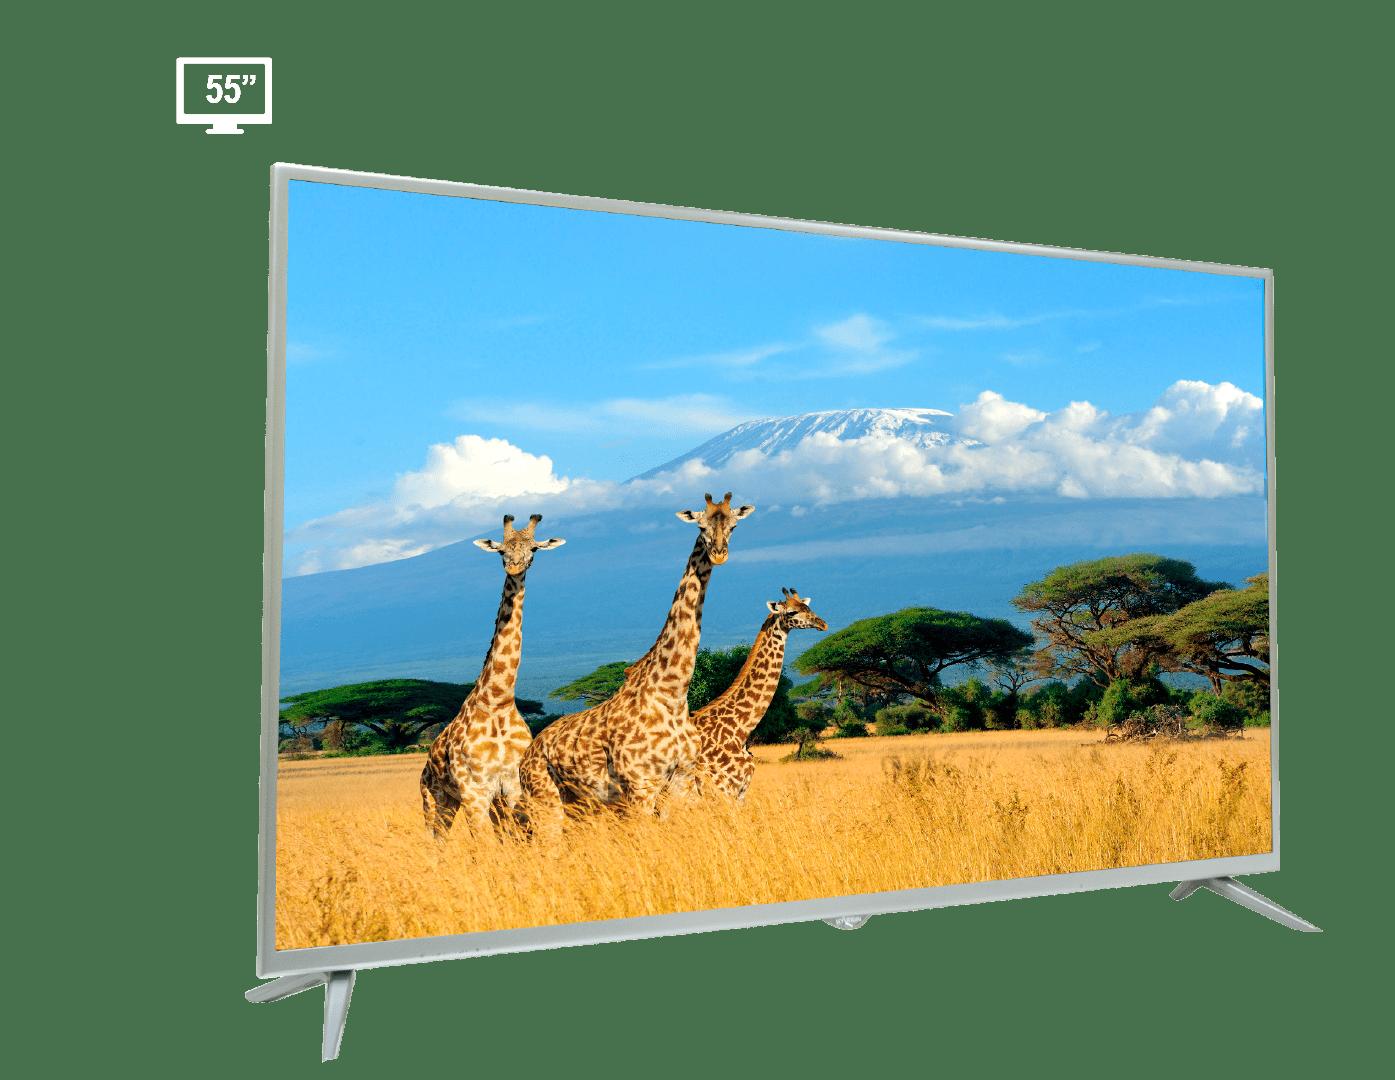 _hyundai-smart-tv-catalogo-55-min